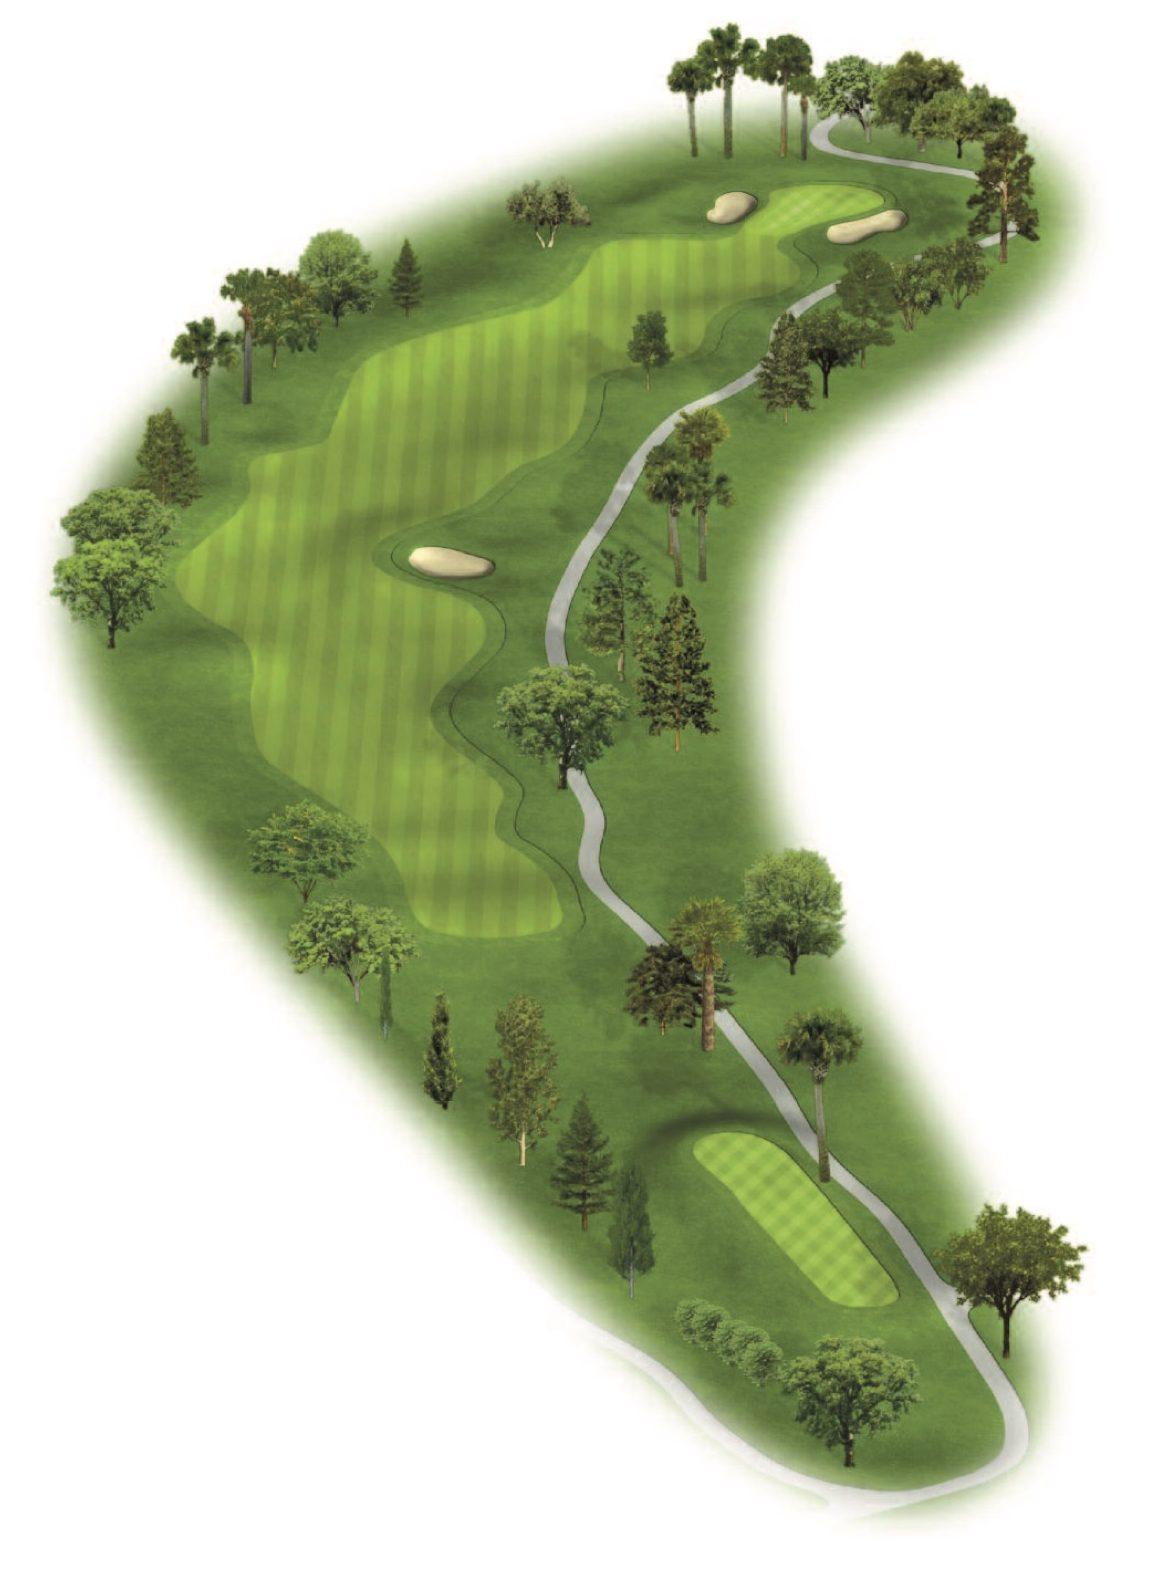 Patriot #8 Wigwam golf course